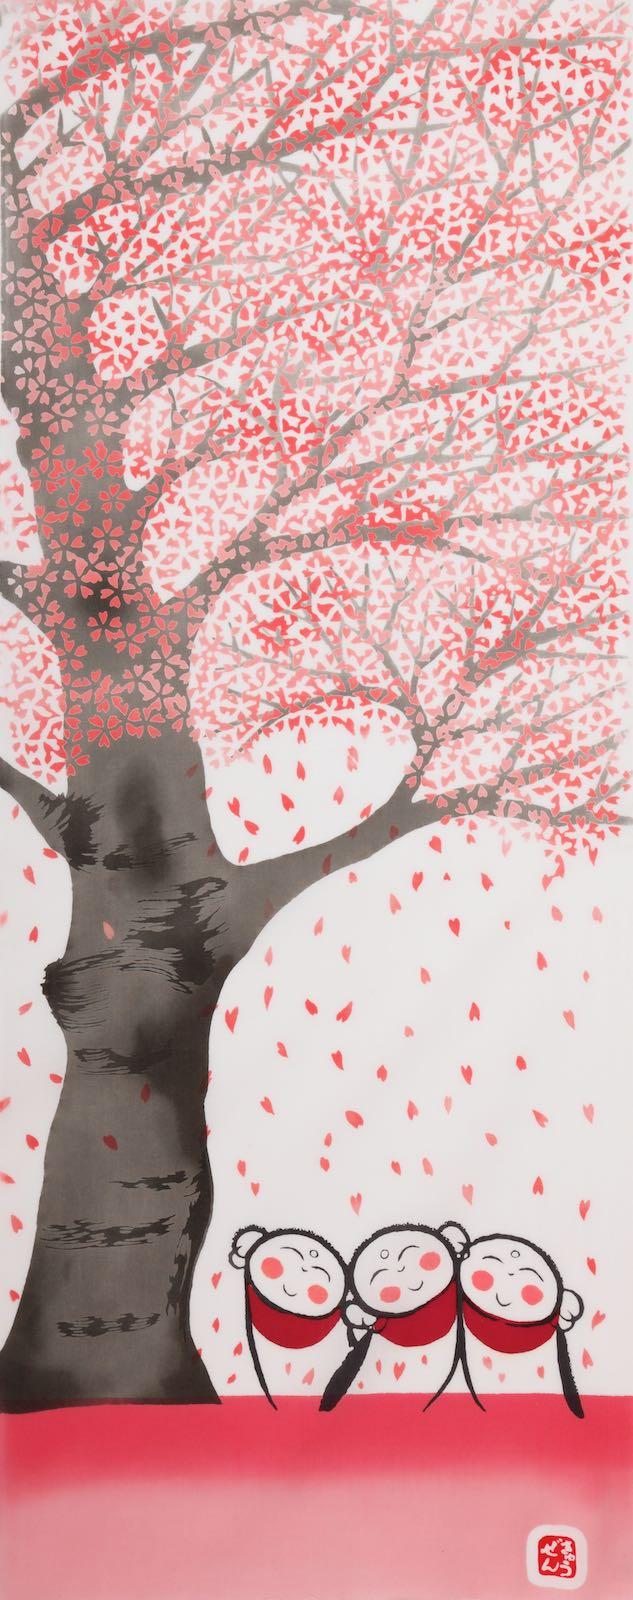 《絵てぬぐい 絵画》桜地蔵 四季 絵画 壁掛けアートは リビングや玄関におすすめのインテリア かわいい壁飾りはお部屋を癒やしてくれそう プレゼントにも 絵てぬぐい 桜地蔵 手ぬぐい 手拭い タオル 歌舞伎 インテリア はんかち 和雑貨 海外 飾る おしゃれ 祭り SALENEW大人気! 巣ごもり アート 日用品 プレゼント ギフト 伝統工芸 高級 外国人 3Lサイズ 日本製 はちまき